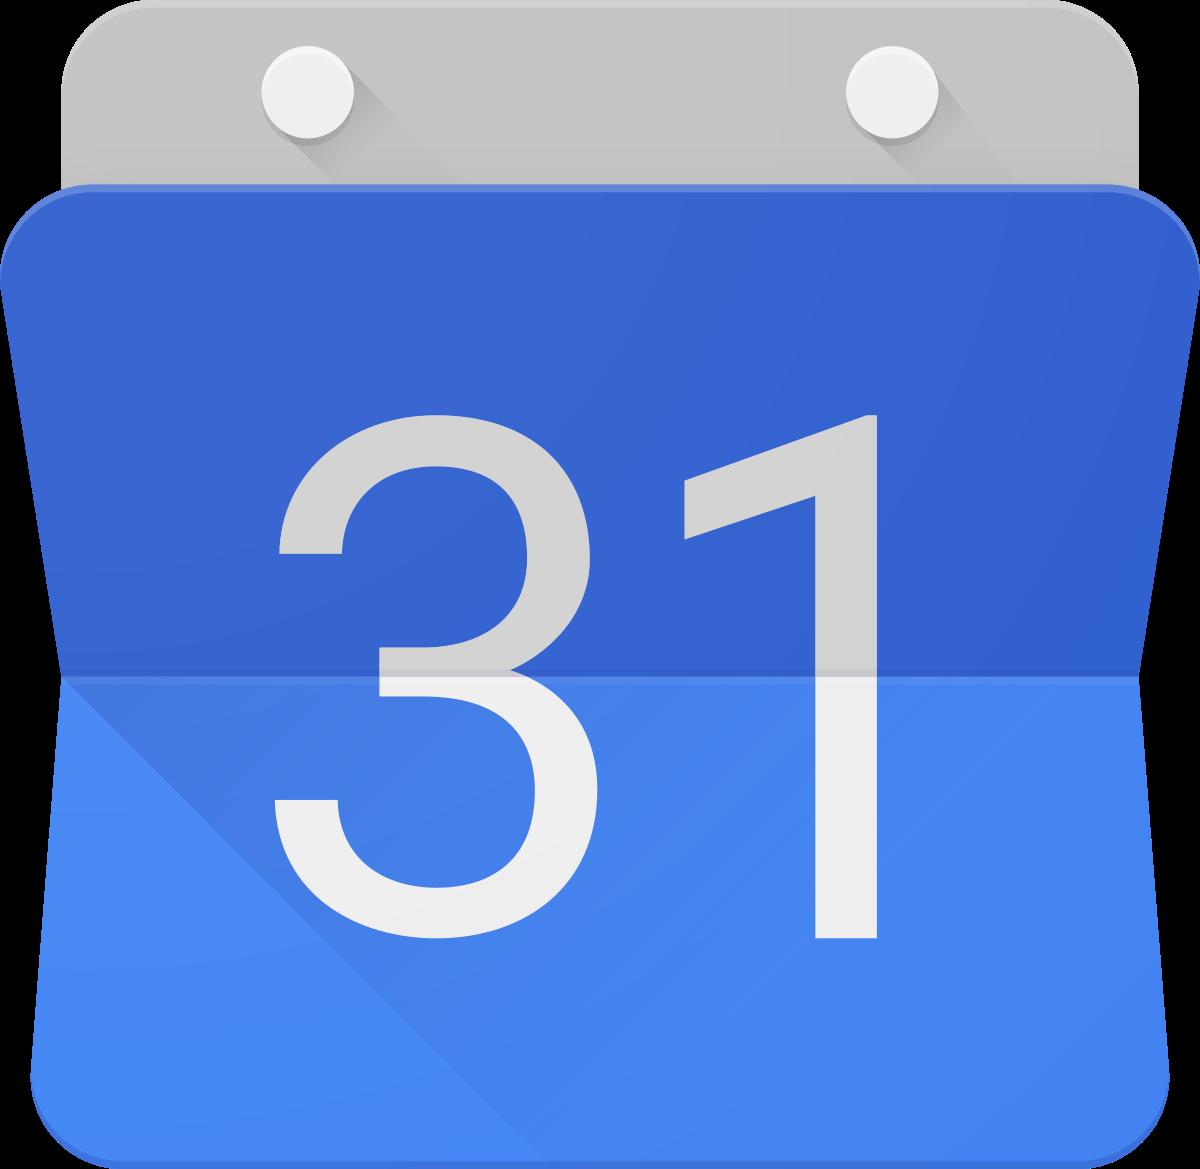 خدمات  تقدمها جوجل وهو تطبيق ويب يساعد في تنظيم الوقت والمواعيد